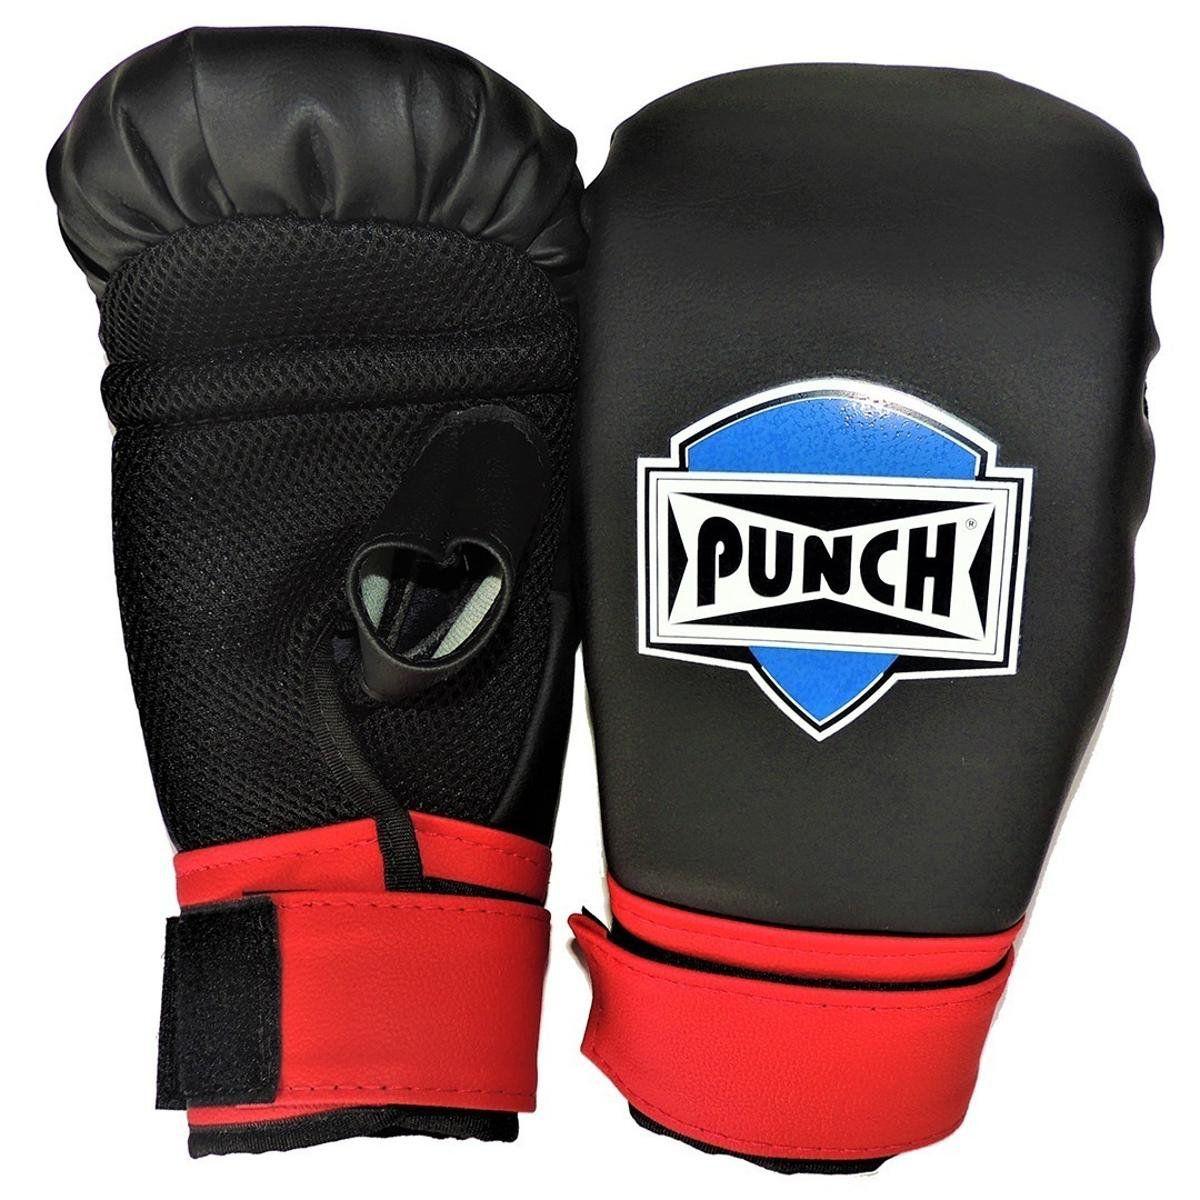 Luva Bate Saco Velcro  Punch - Preto e Vermelho  - REAL ESPORTE